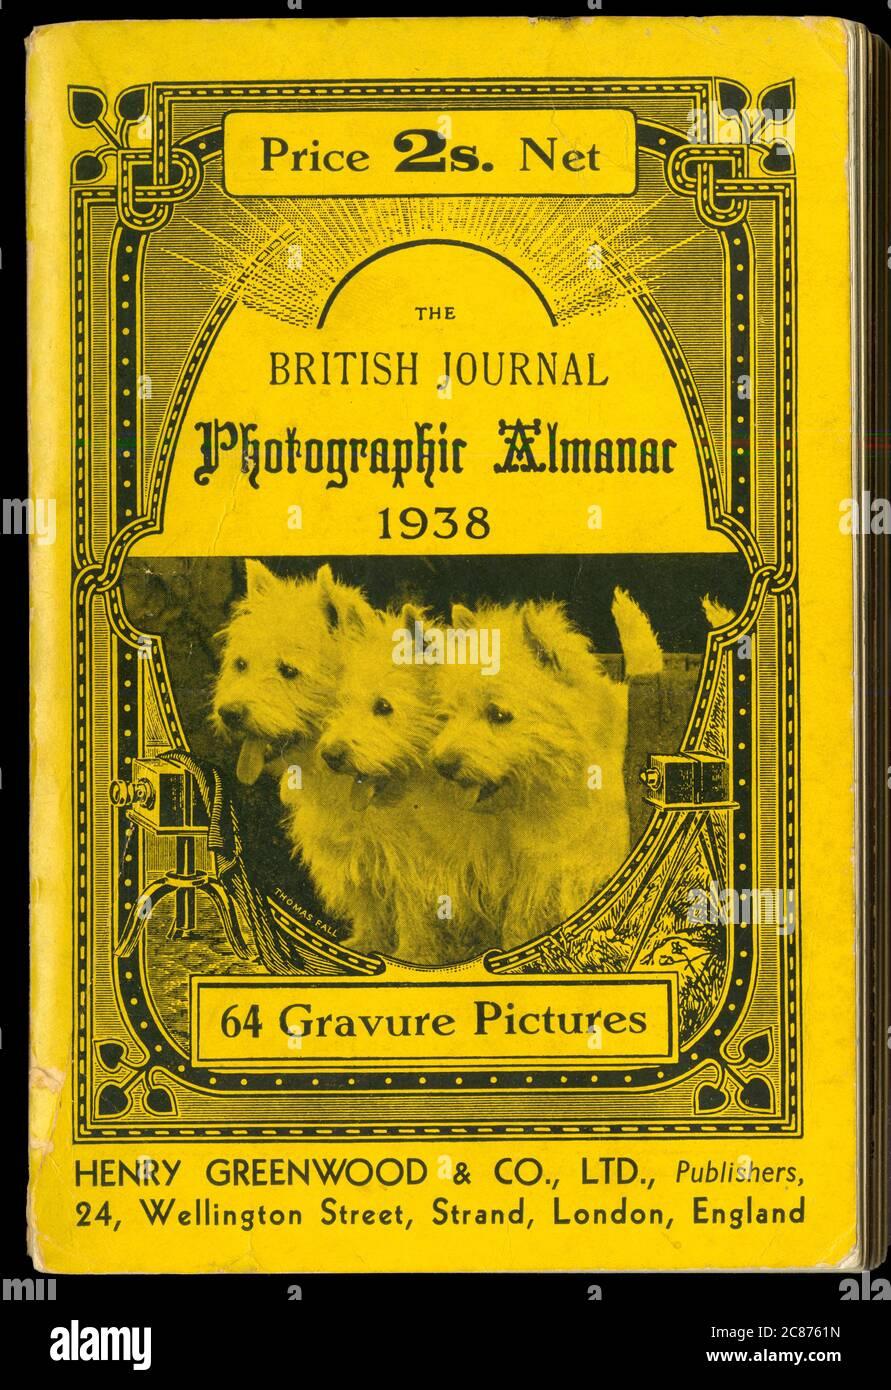 Couverture du British Journal Photographic Almanac de 1938, avec une photo des Thomas Fall Studios (voir 10125916 pour l'image originale utilisée) de trois West Highland Terriers ('Westies') debout joyeusement dans un canon (propriétaire: Innes). Date: 1938 Banque D'Images